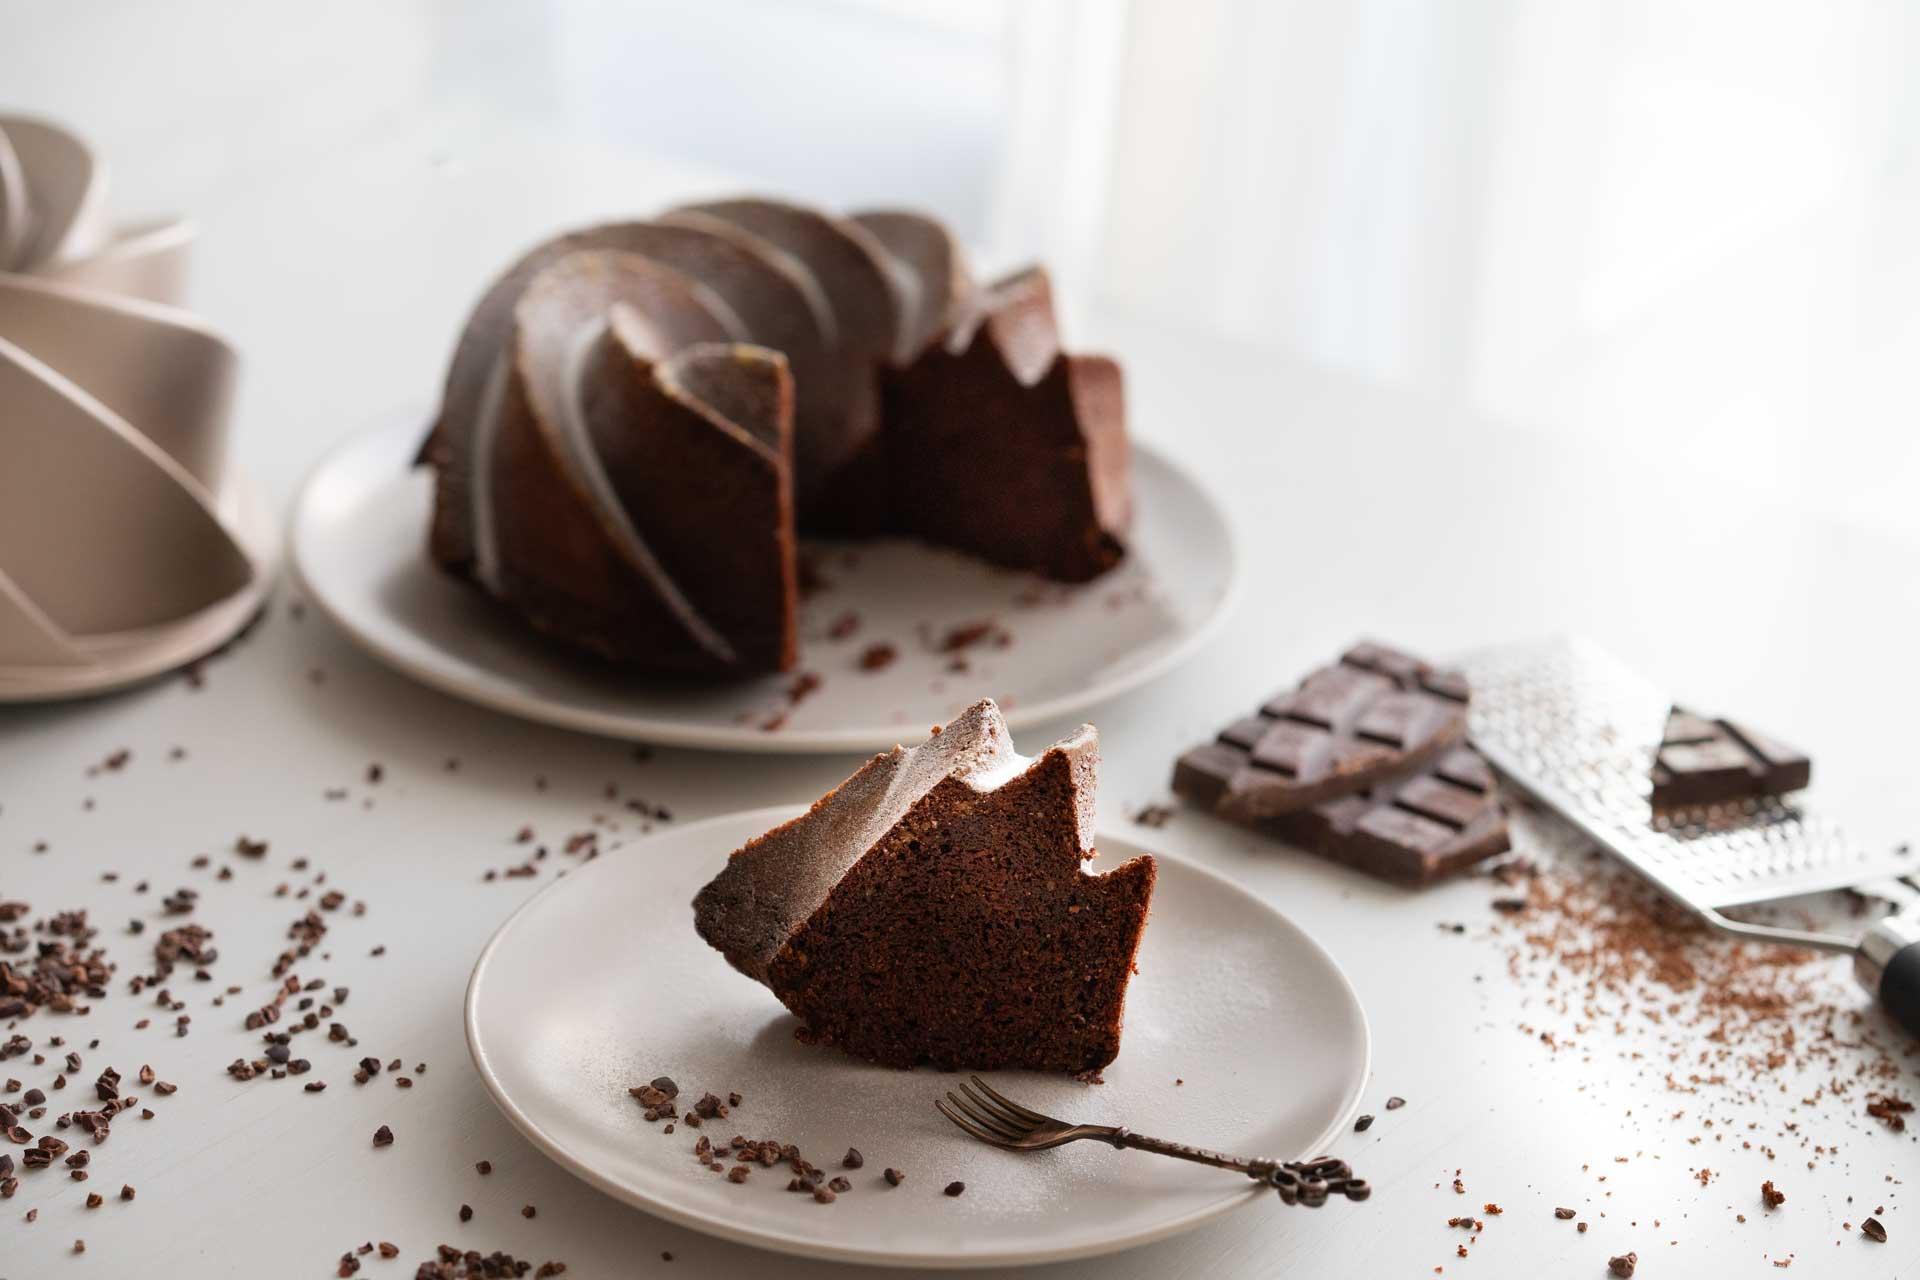 saftiger Schokoladekuchen mit Schokoraspeln und kleiner Gabel auf einem Teller